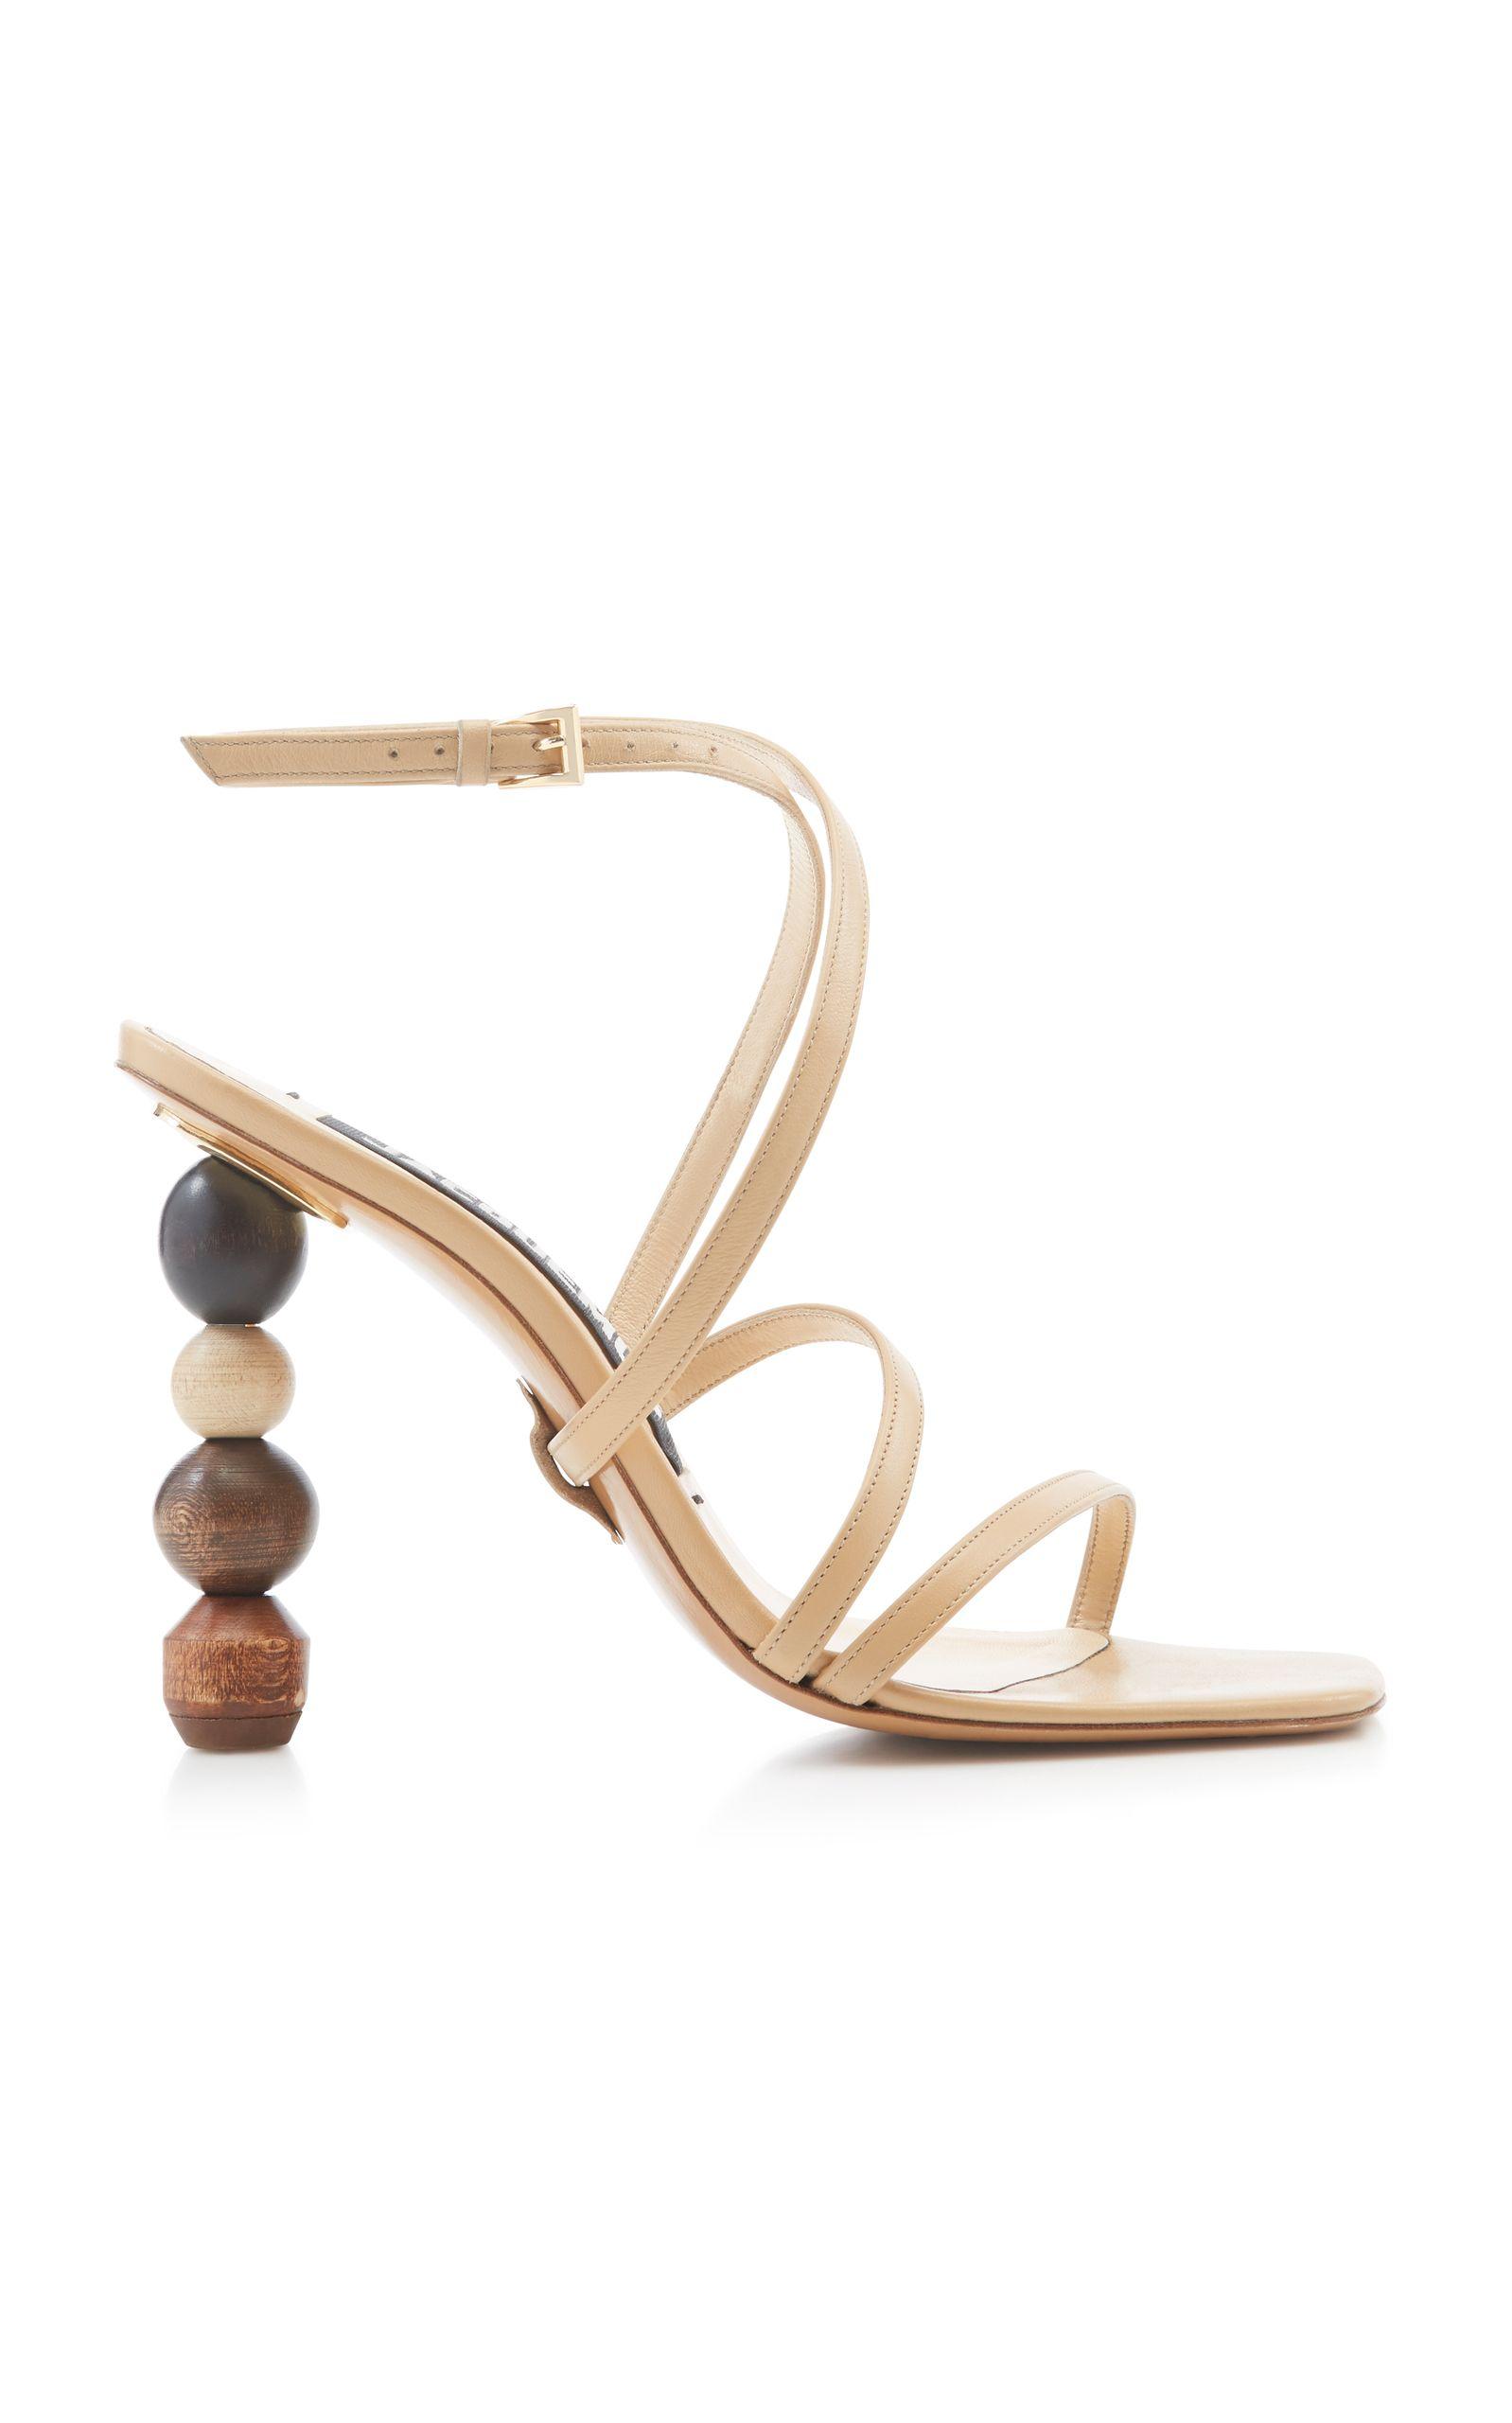 e5ead74af6ca JACQUEMUS RUMBA SANDAL.  jacquemus  shoes